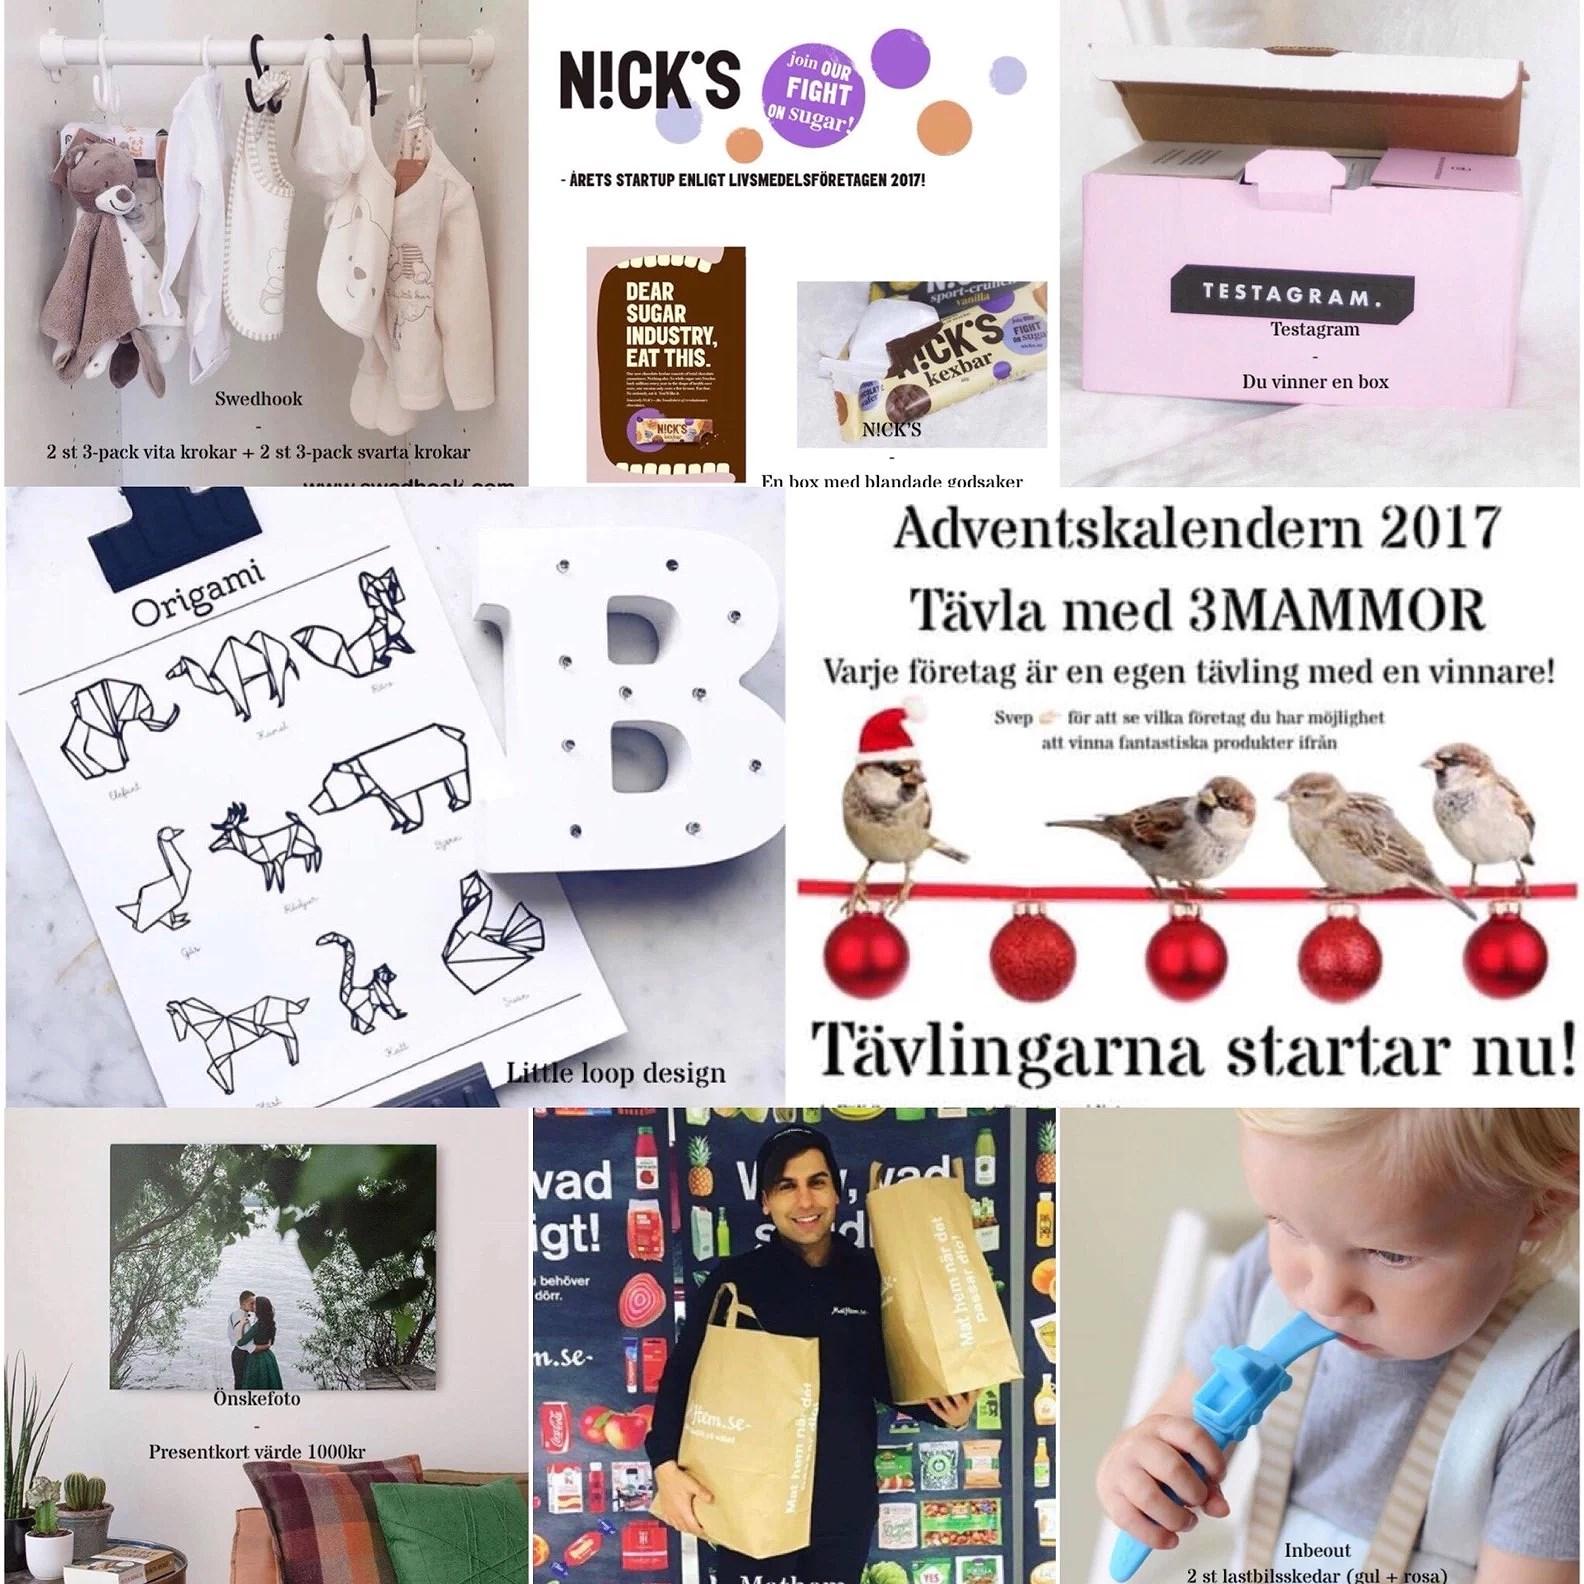 ADVENTSKALENDER 2017 HOS 3MAMMOR